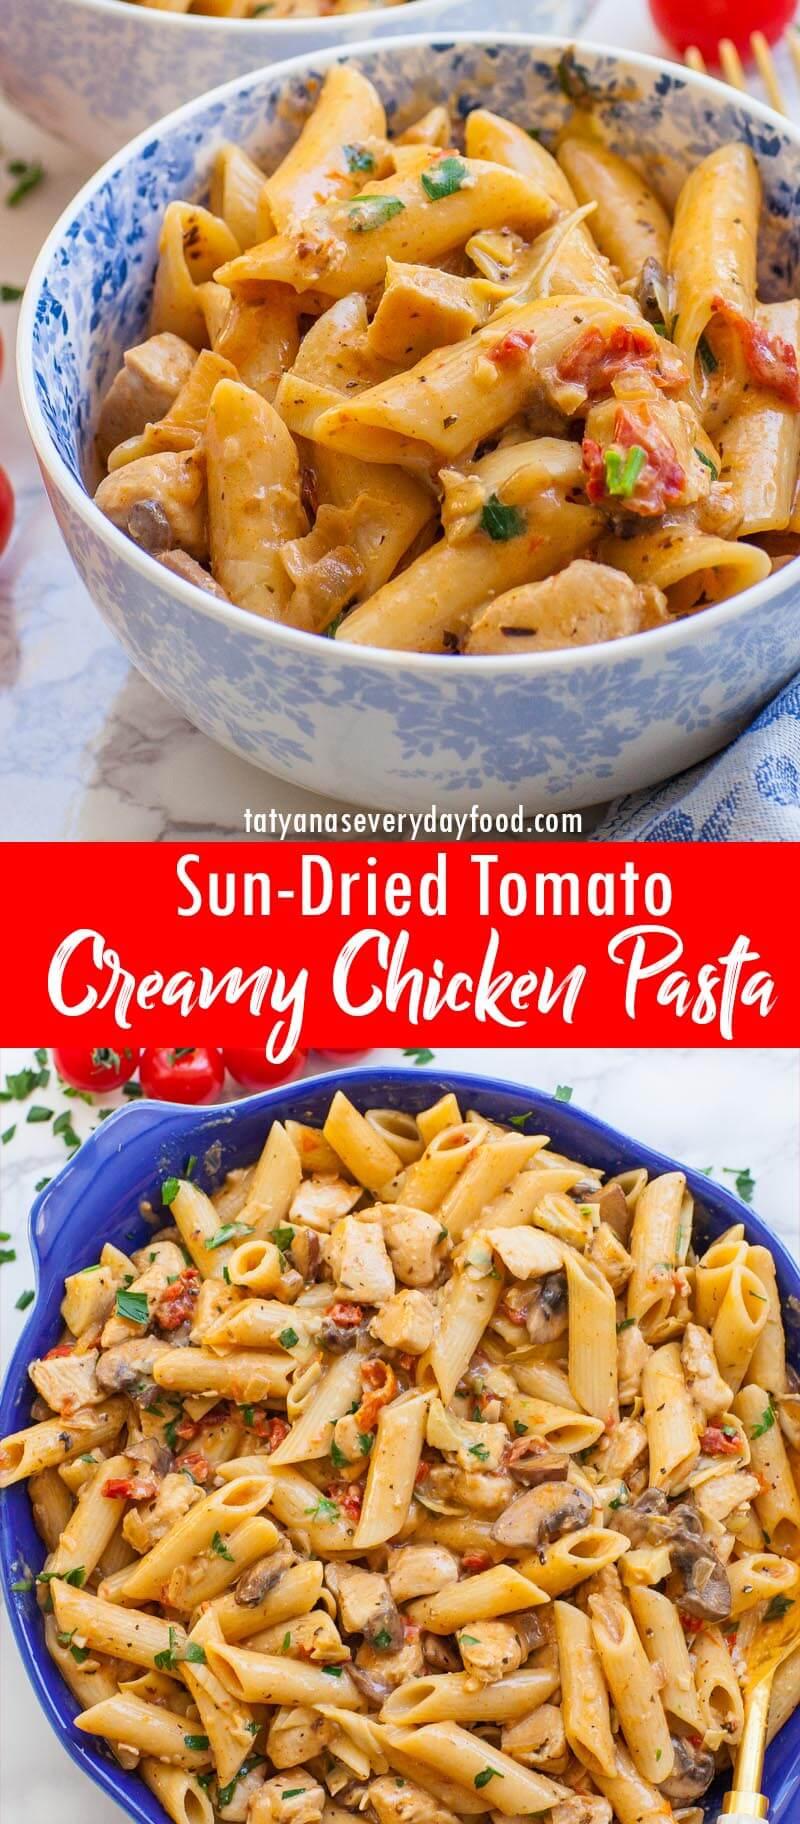 Sun-Dried Tomato Chicken Pasta video recipe